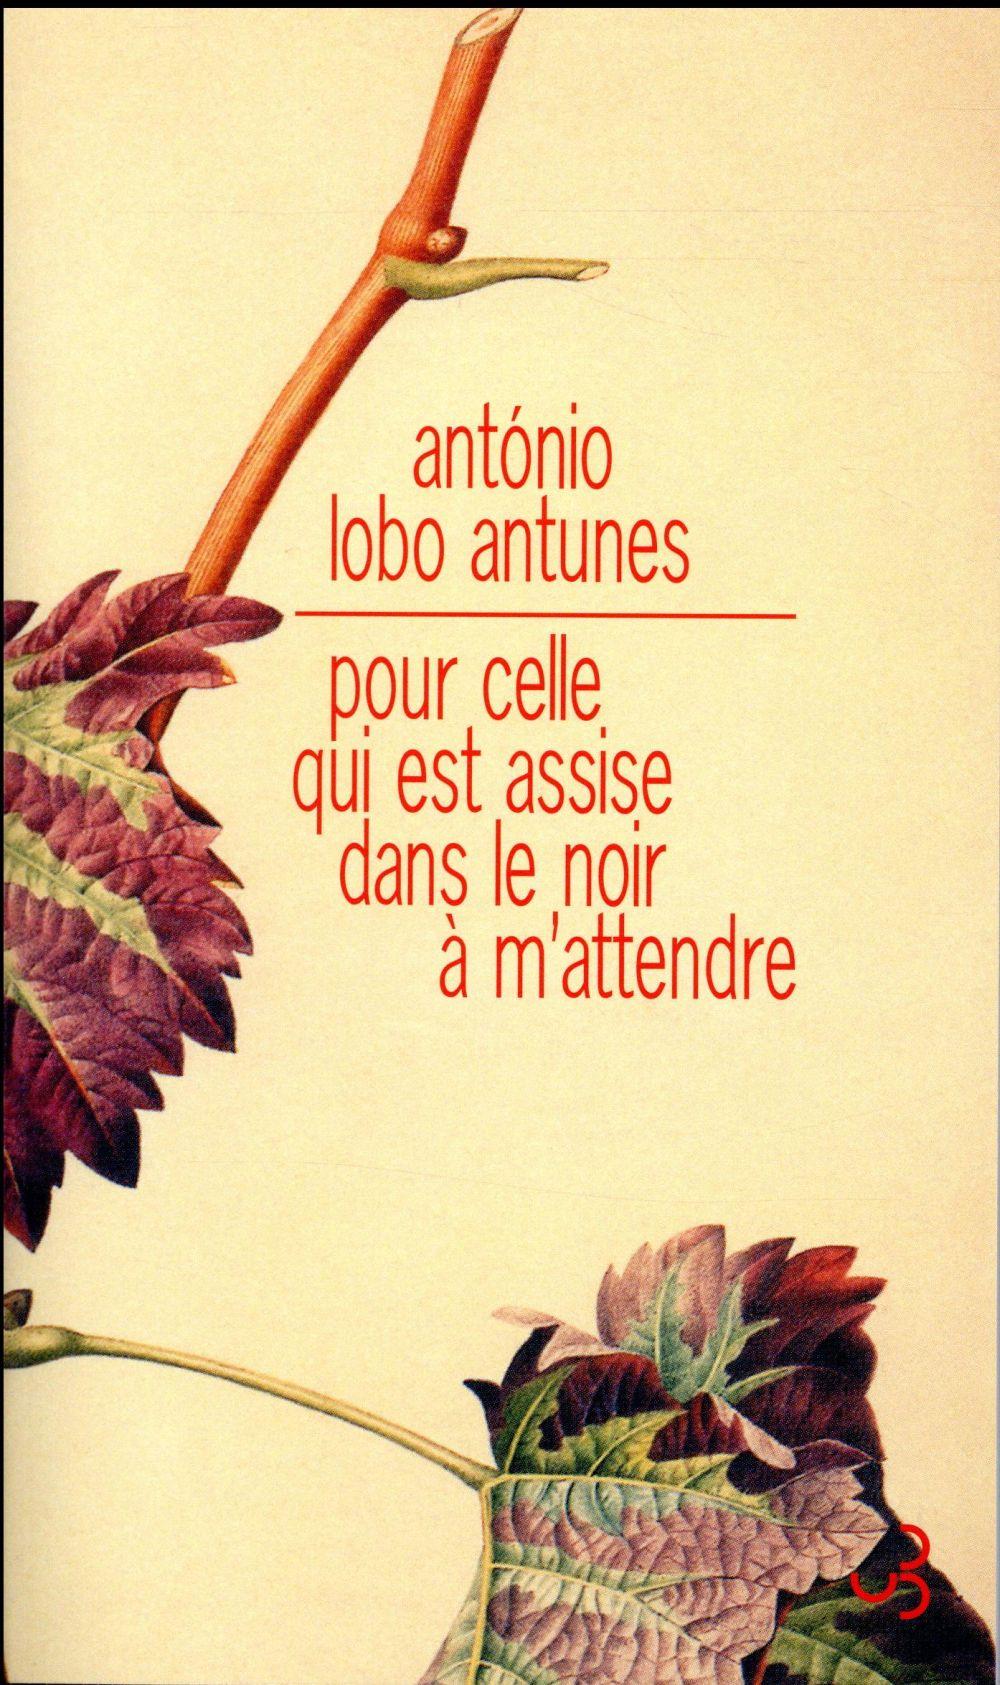 POUR CELLE QUI EST ASSISE DANS LOBO ANTUNES ANTONIO BOURGOIS